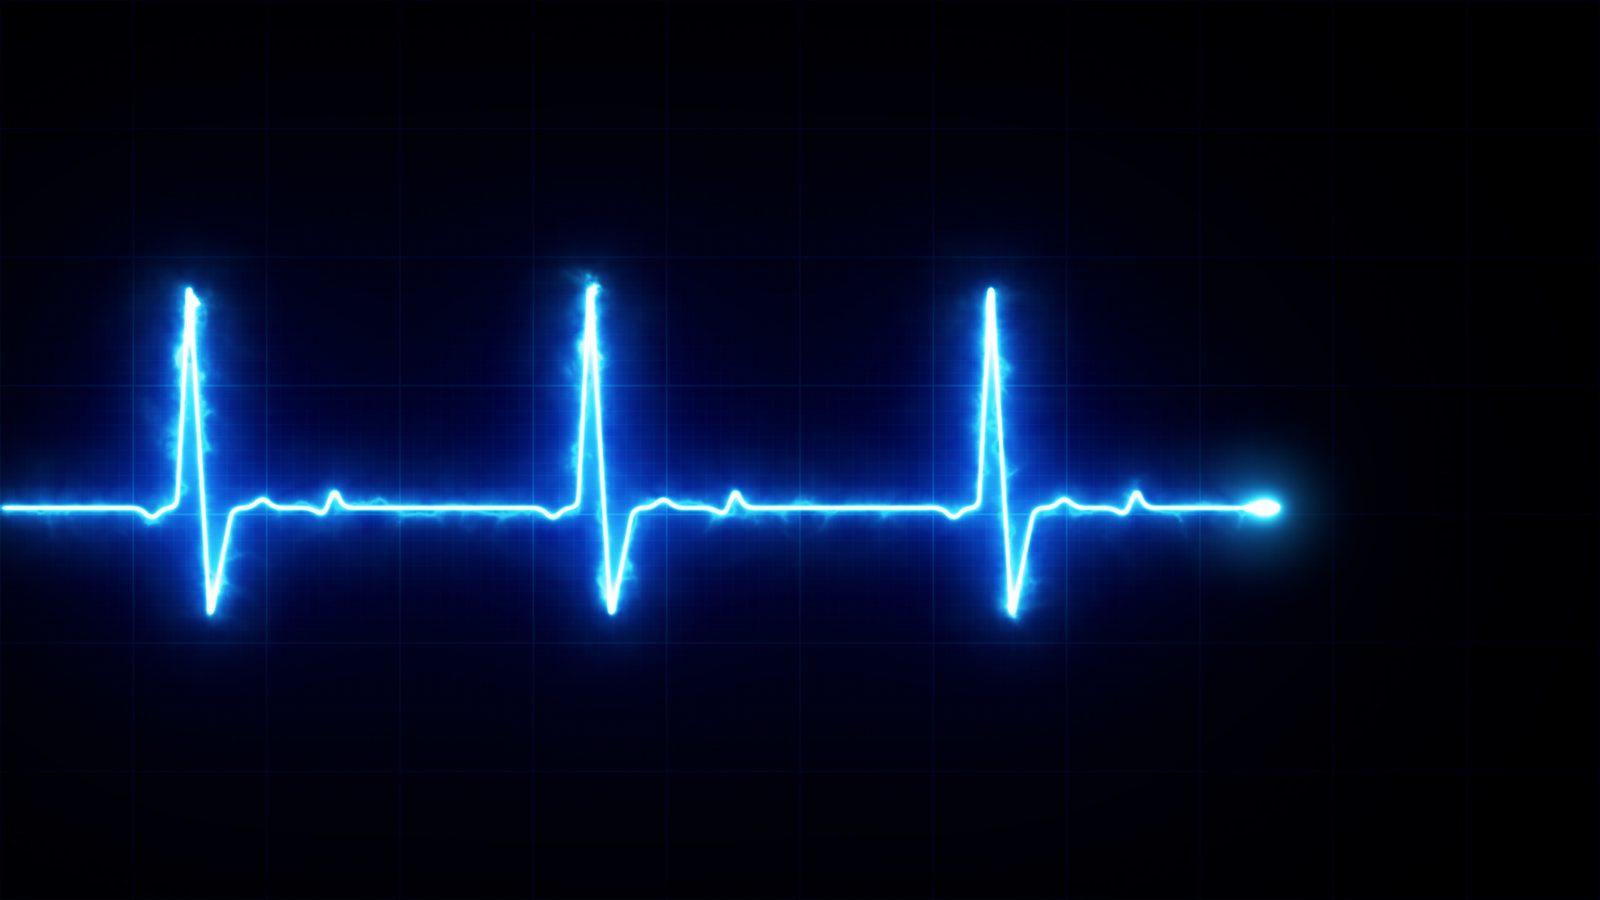 'Blijven ademen'. Gegarandeerd stress verminderen door hartcoherentie